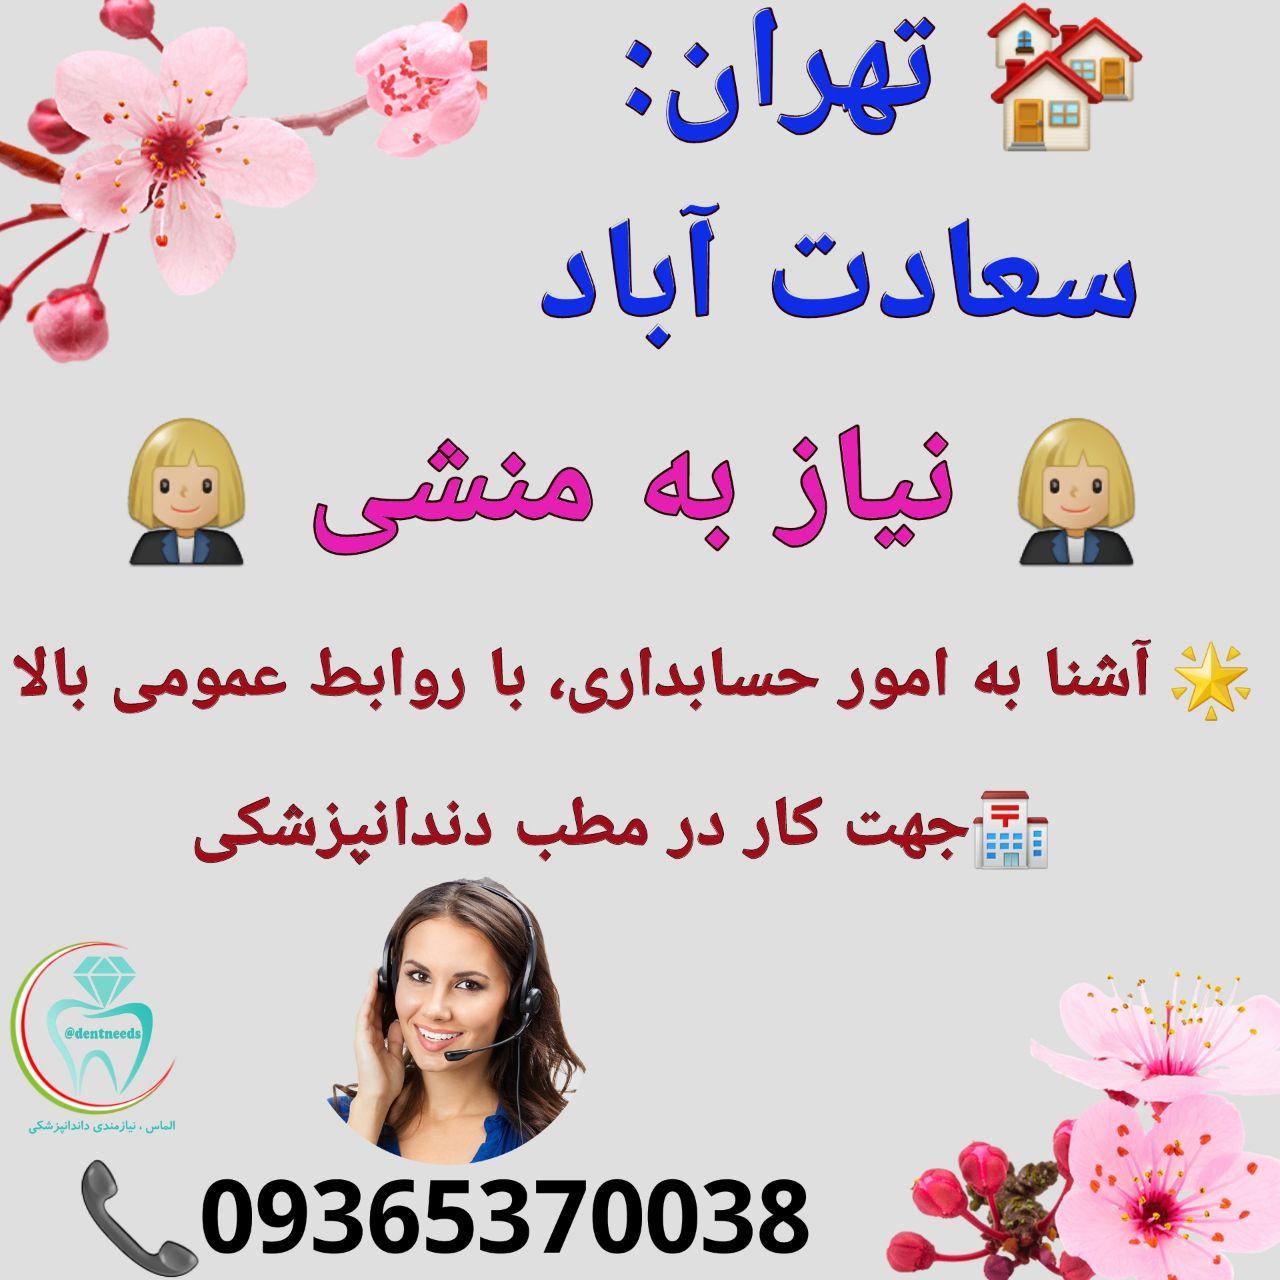 تهران: سعادت آباد، نیاز به منشی